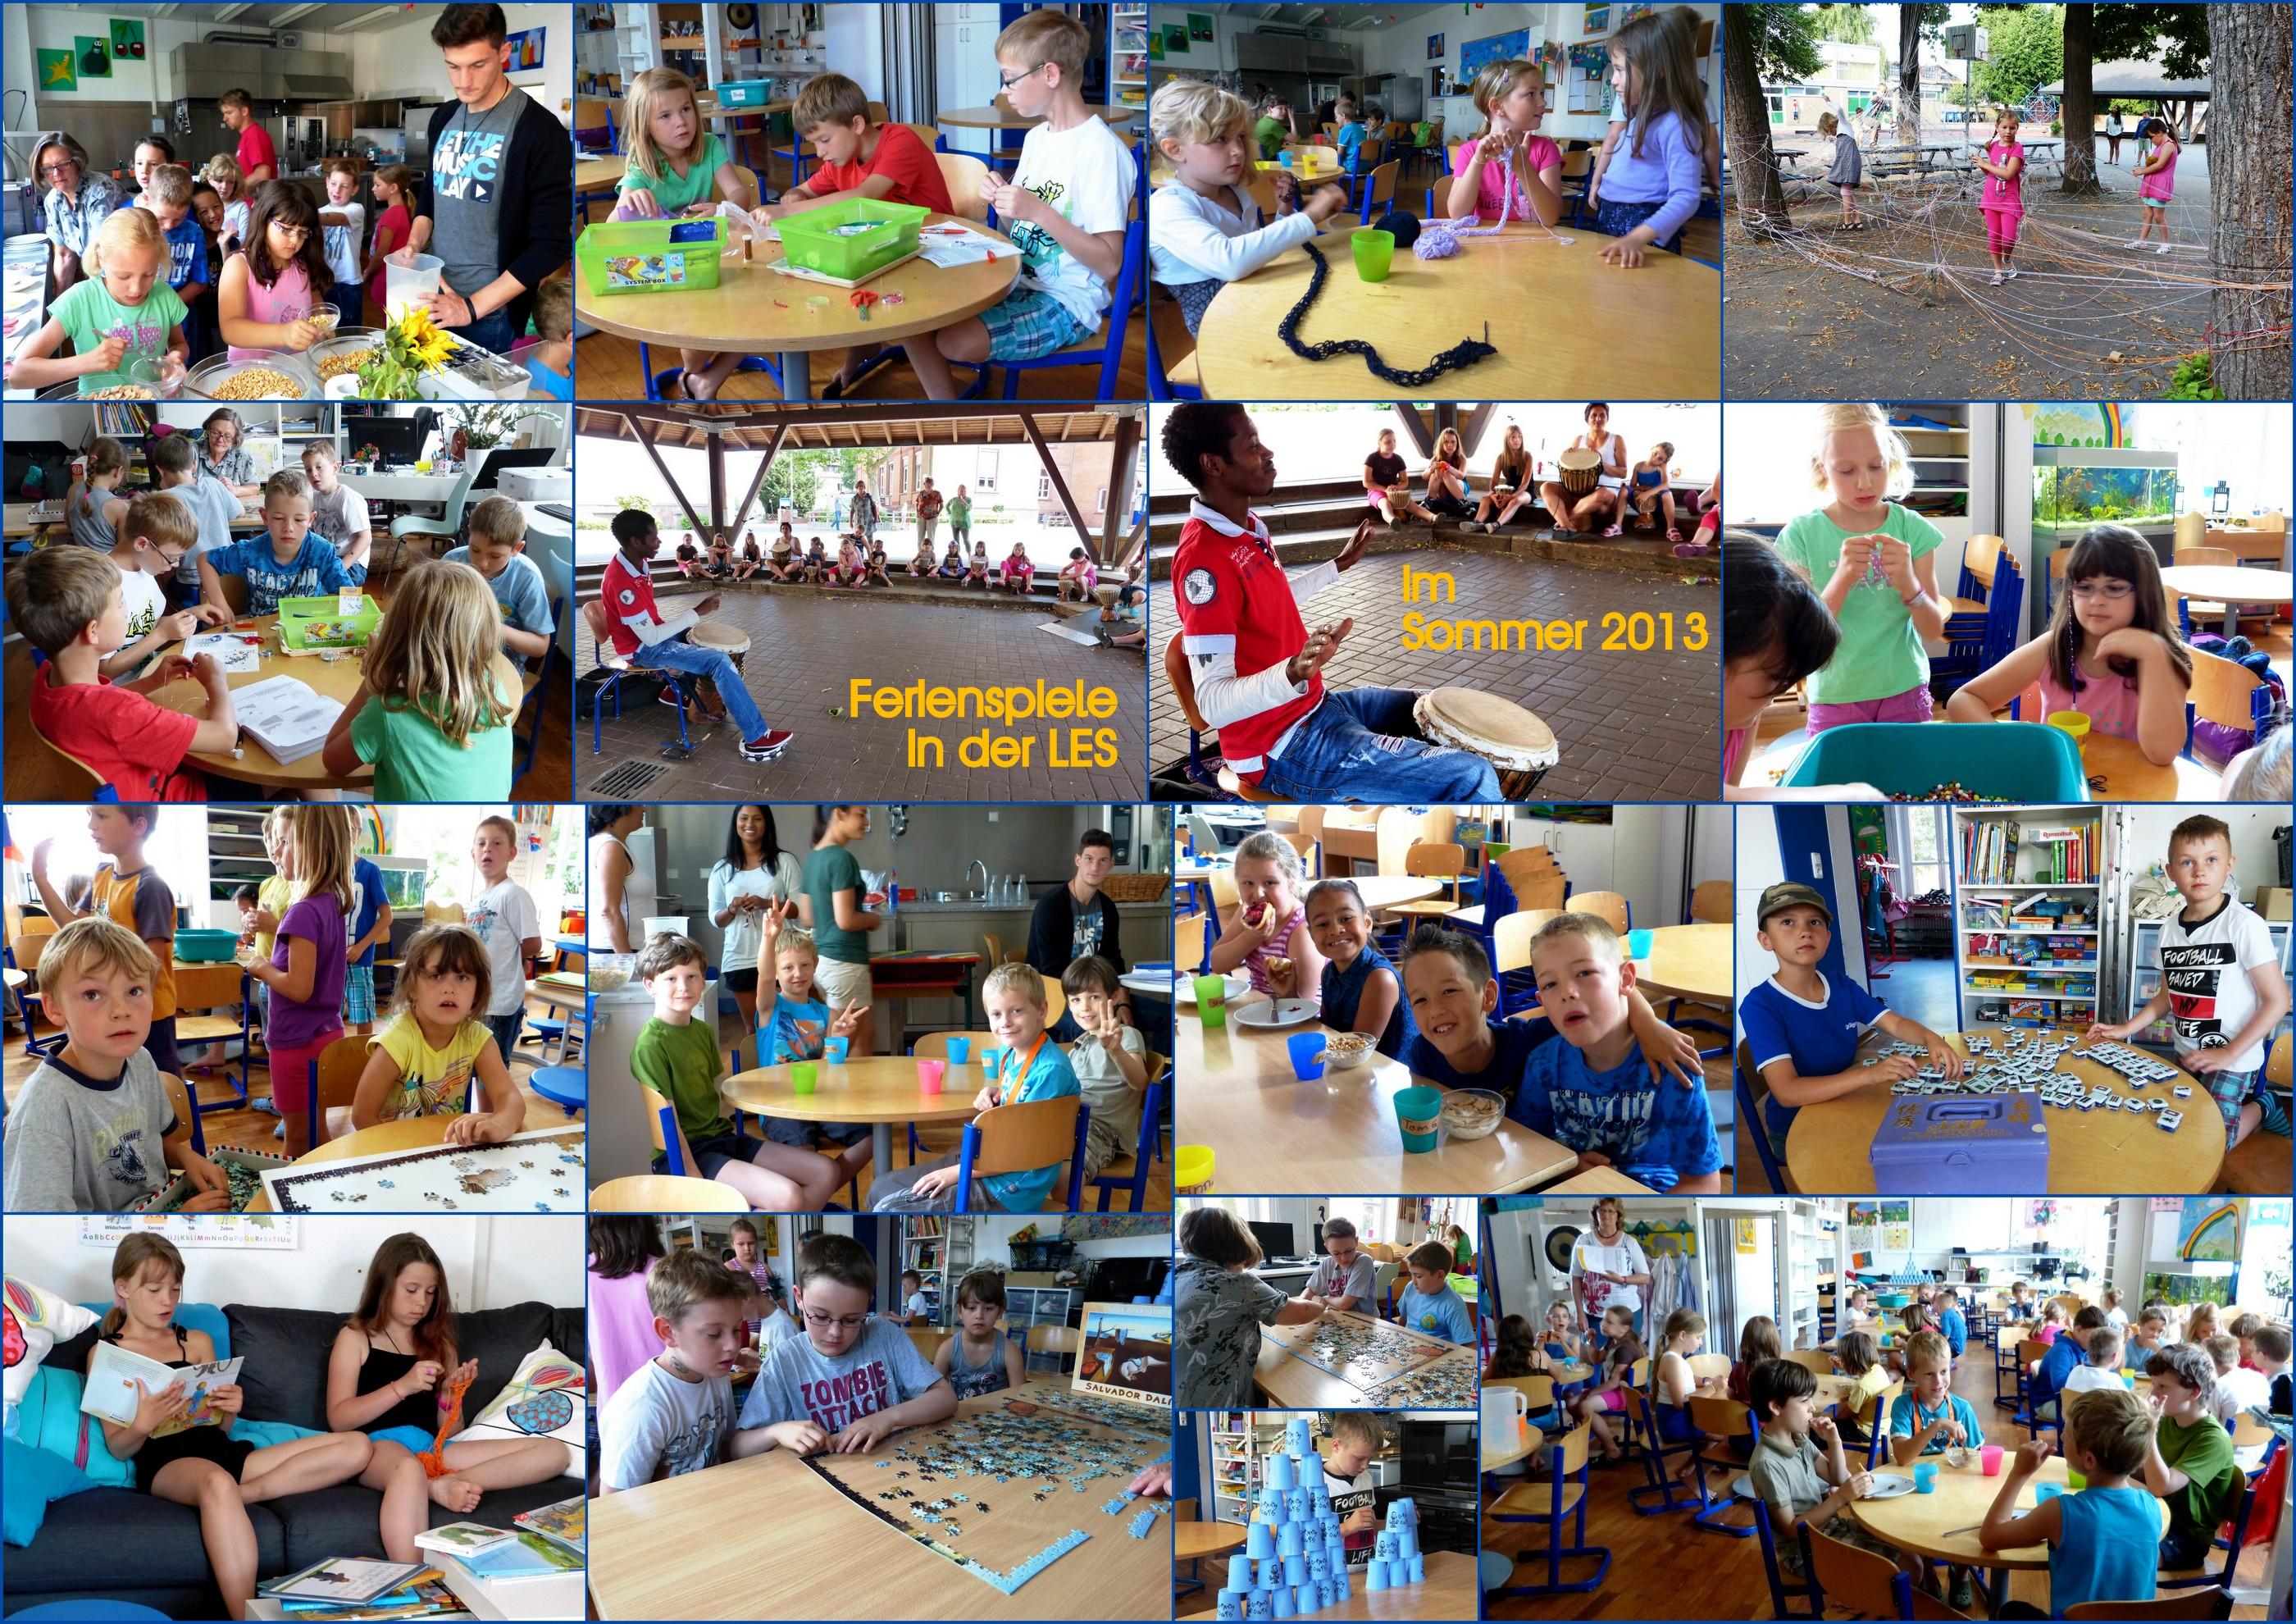 2013-07-09_Ferienspiele.jpg